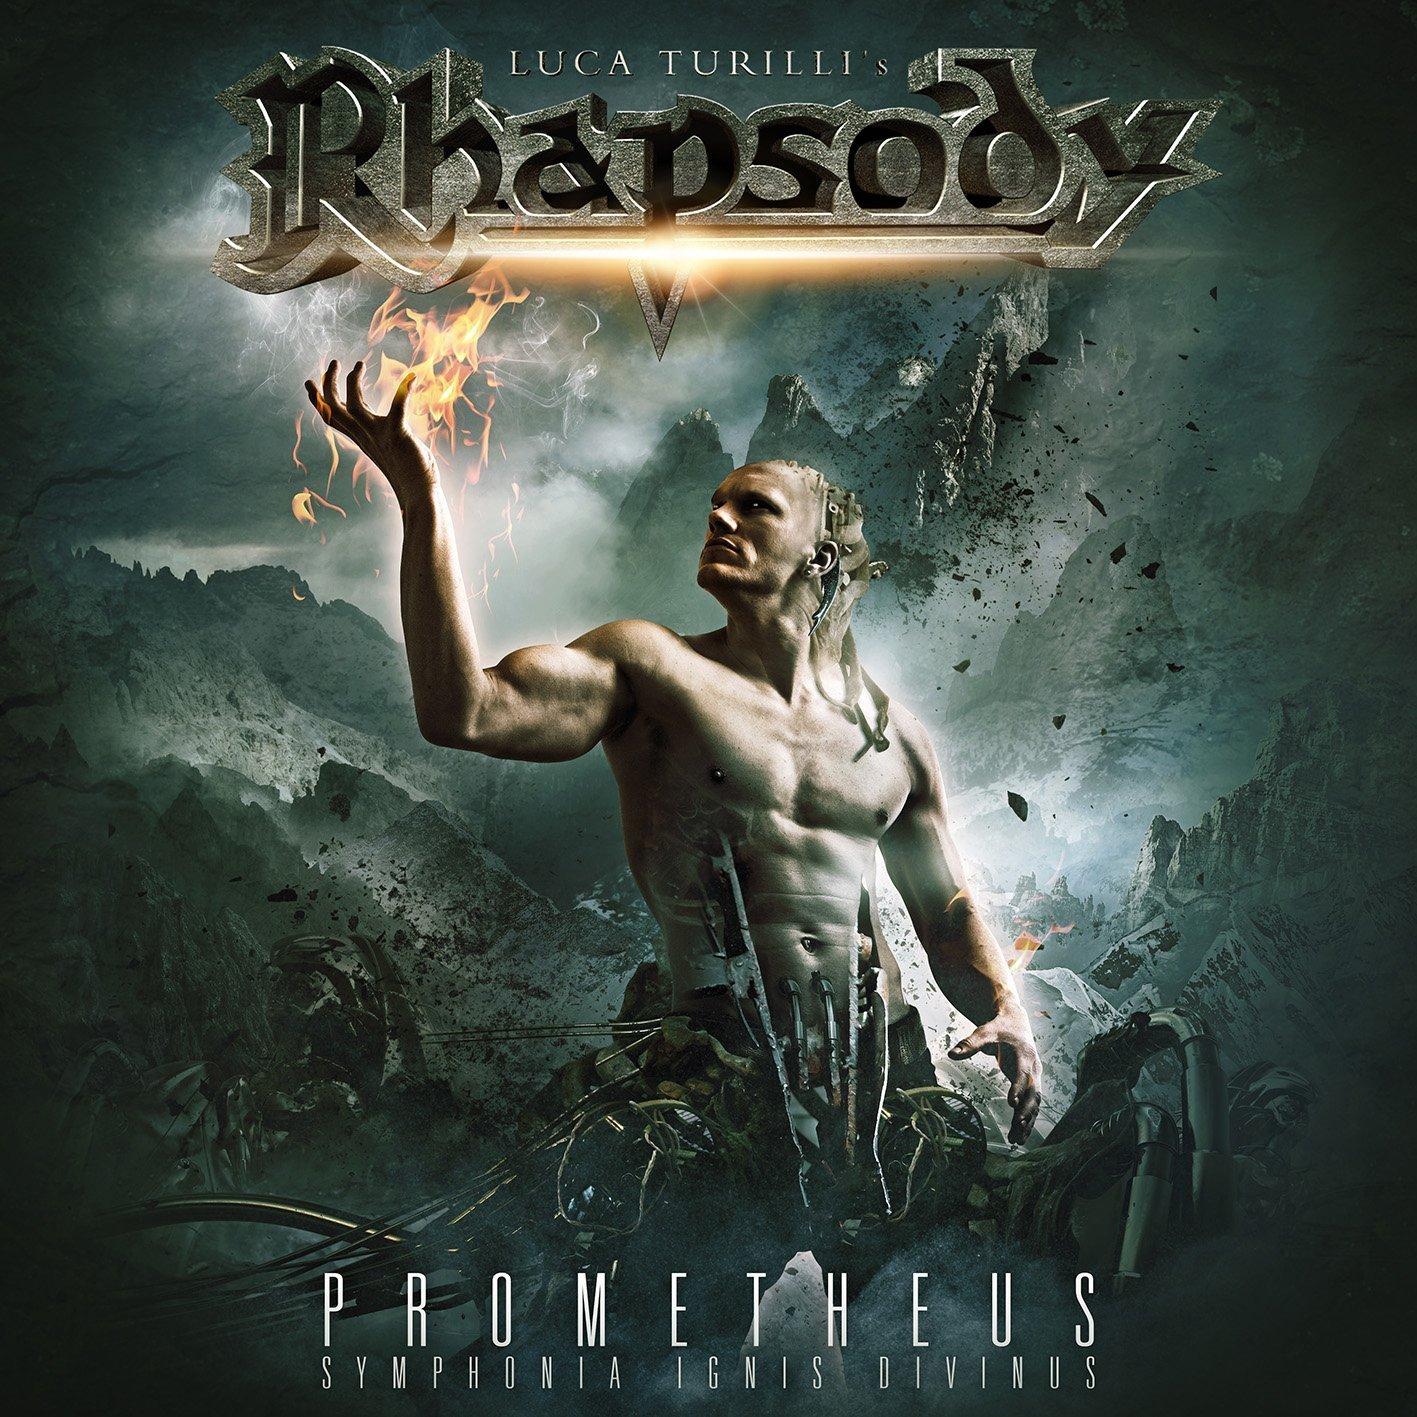 CD : Luca Turilli's Rhapsody - Prometheus, Symphonia Ignis Divinus (CD)